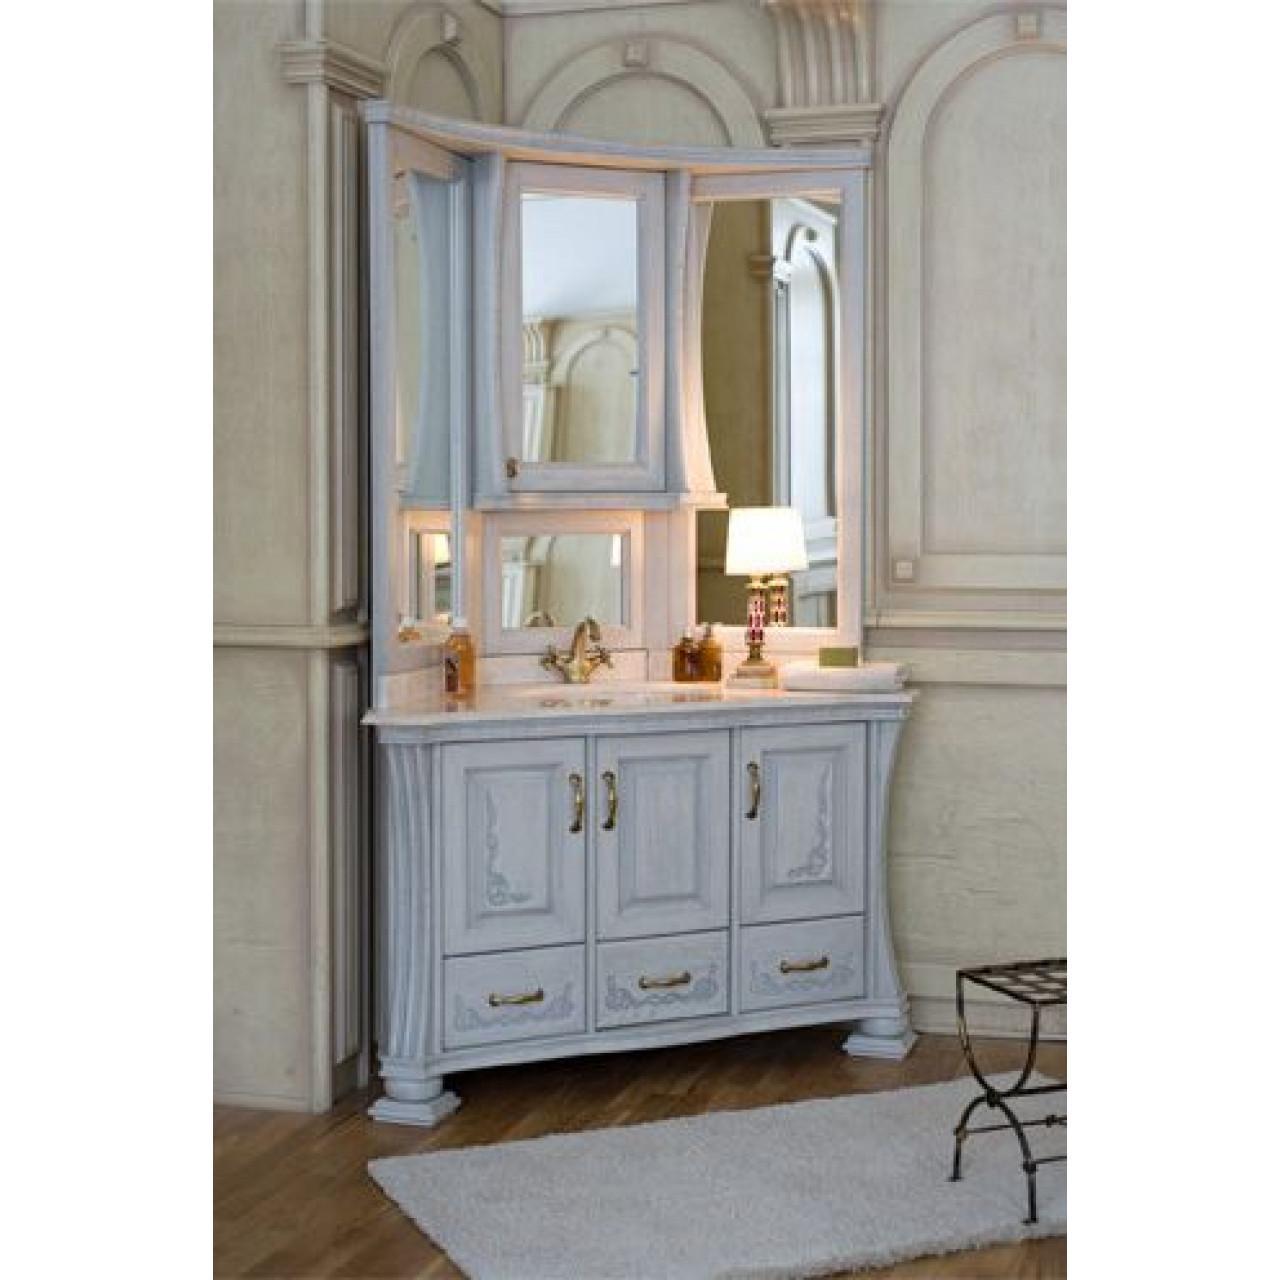 Комплект мебели Аллигатор Классик 125A зеркало на столешнице угловой купить в Москве по цене от 188300р. в интернет-магазине mebel-v-vannu.ru